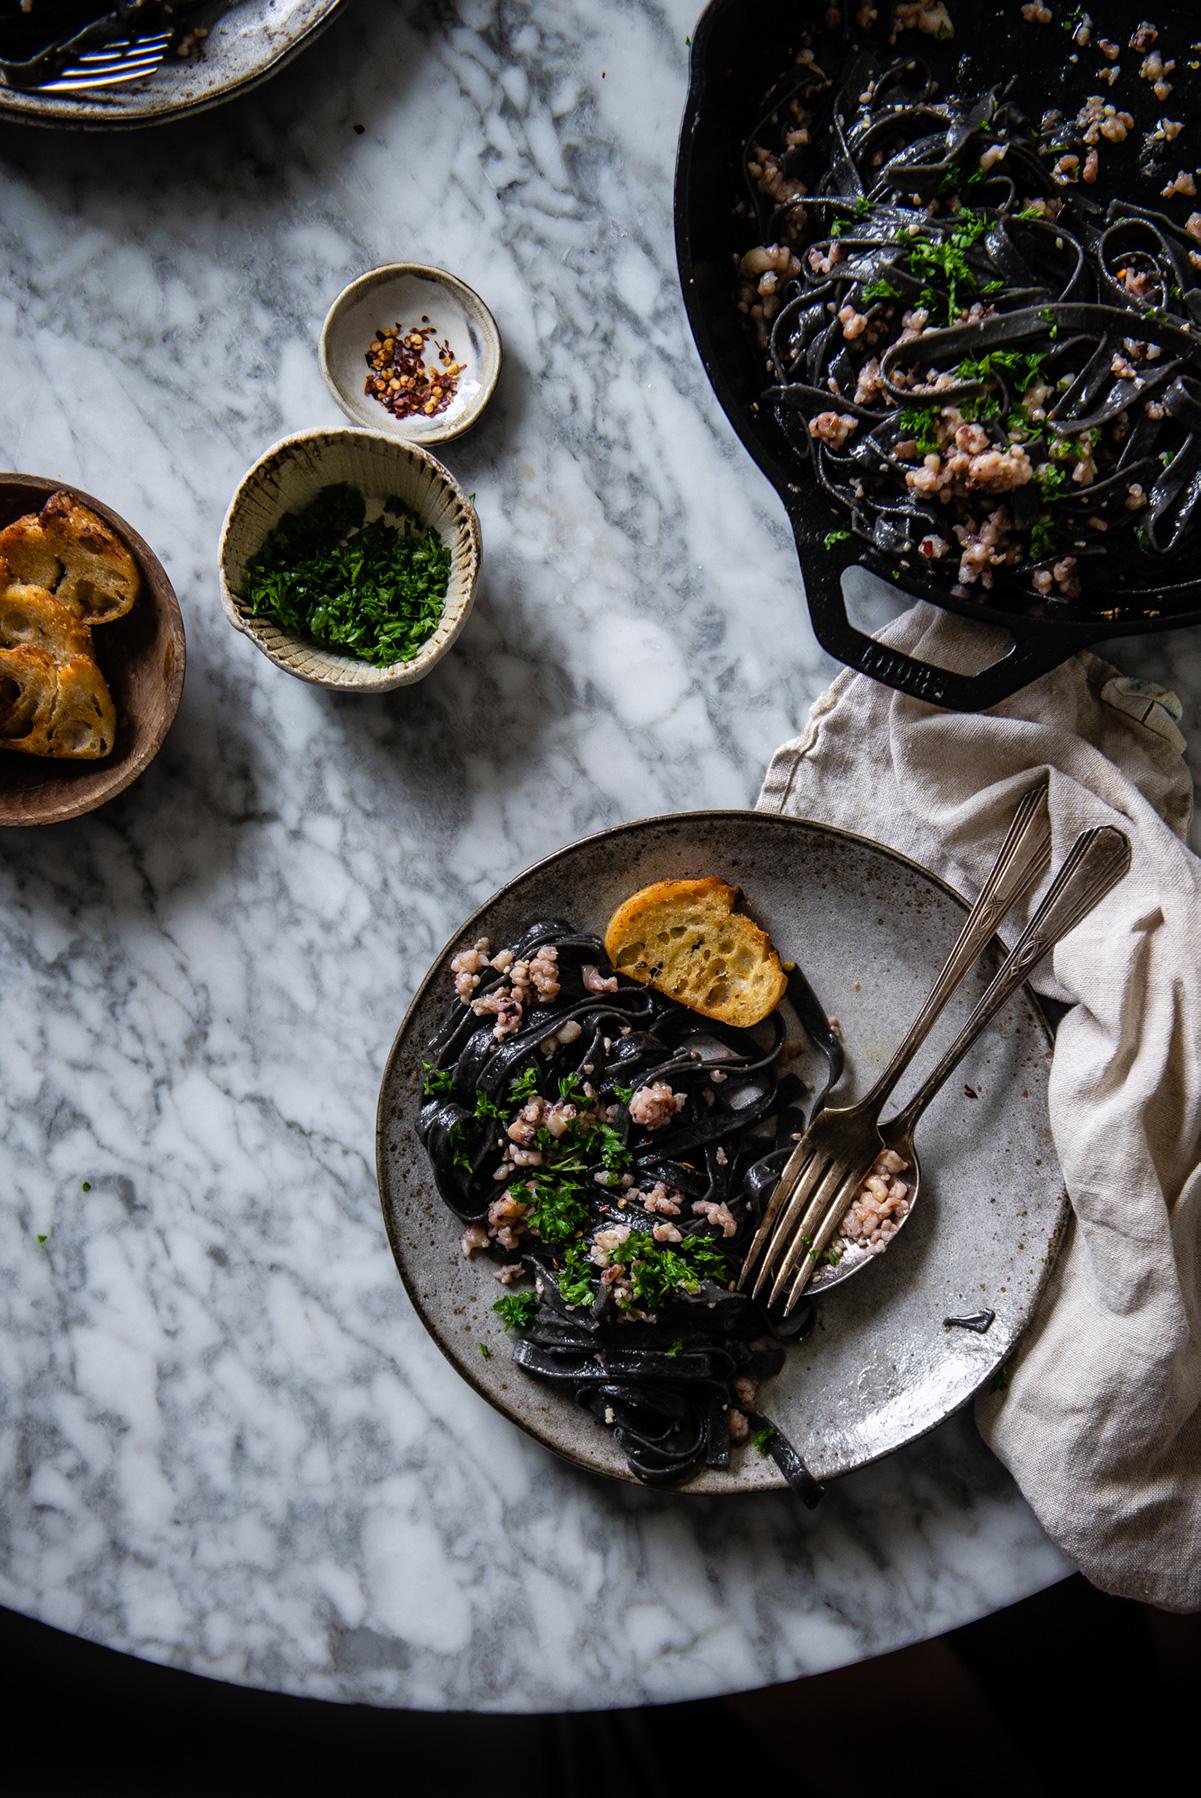 squid ink pasta aglio e olio - Two Red Bowls